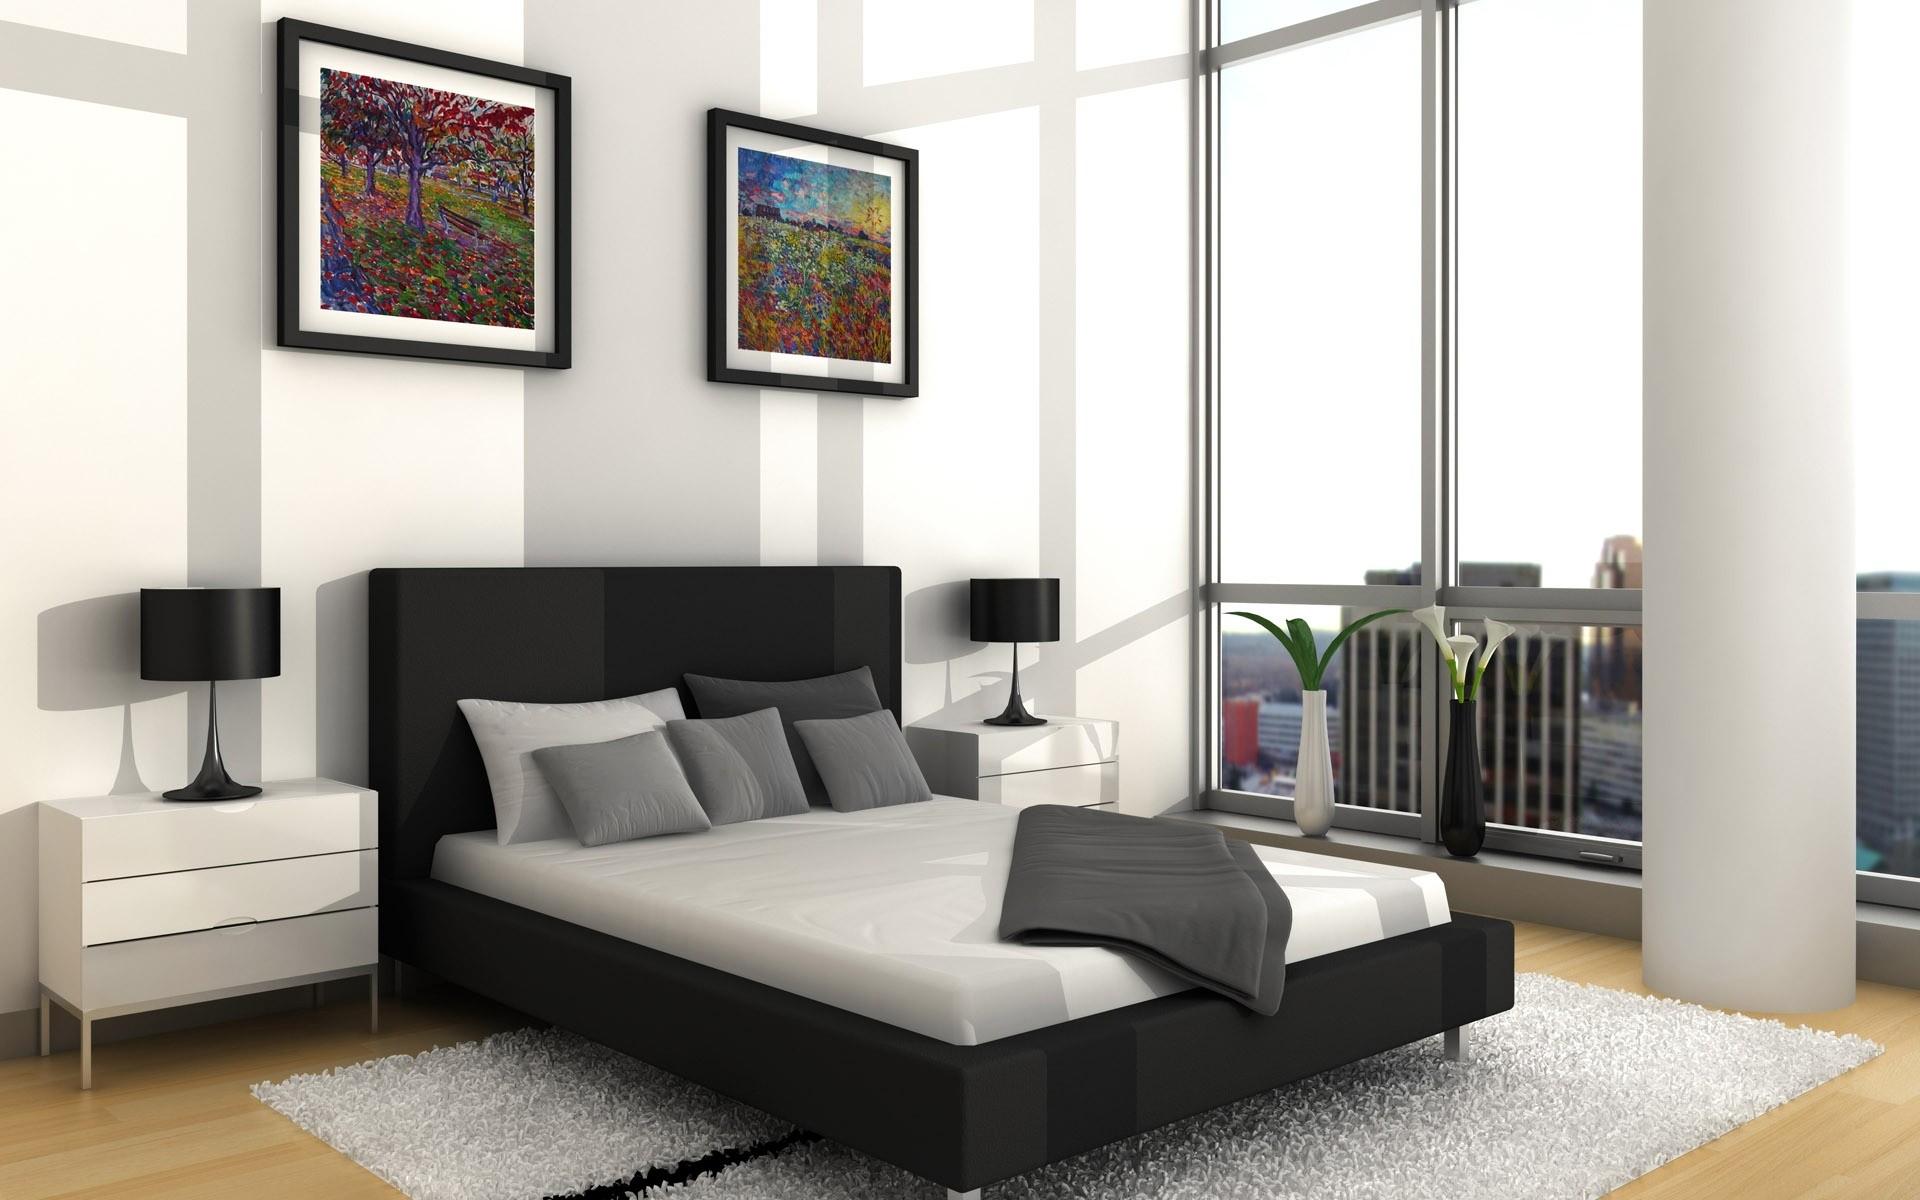 Diseño 3D de habitación - 1920x1200